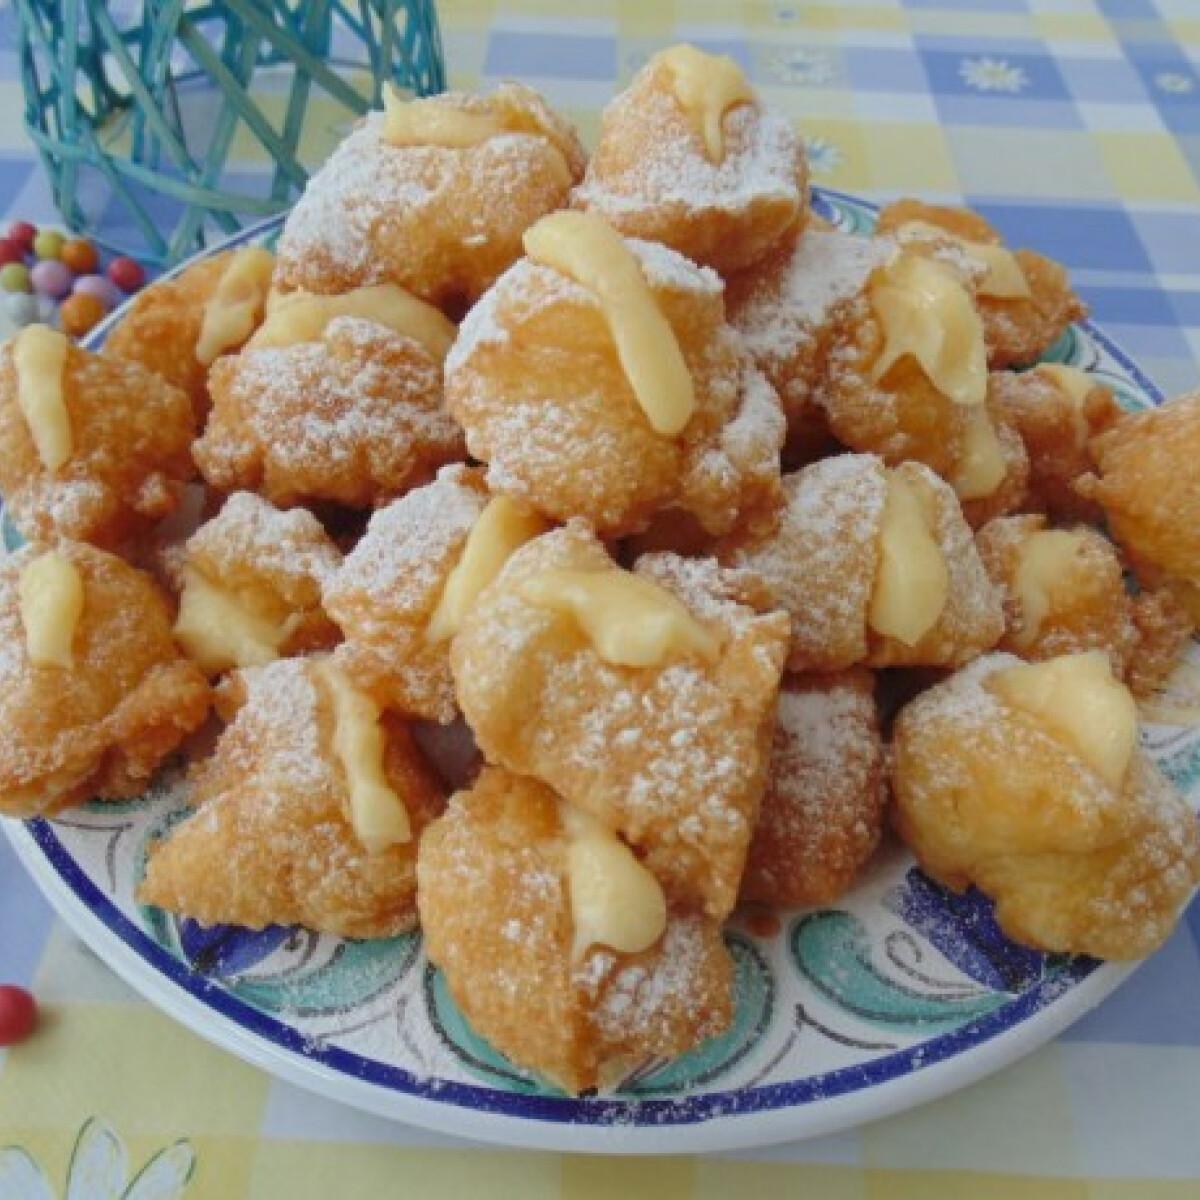 Ezen a képen: Carnival tortelli